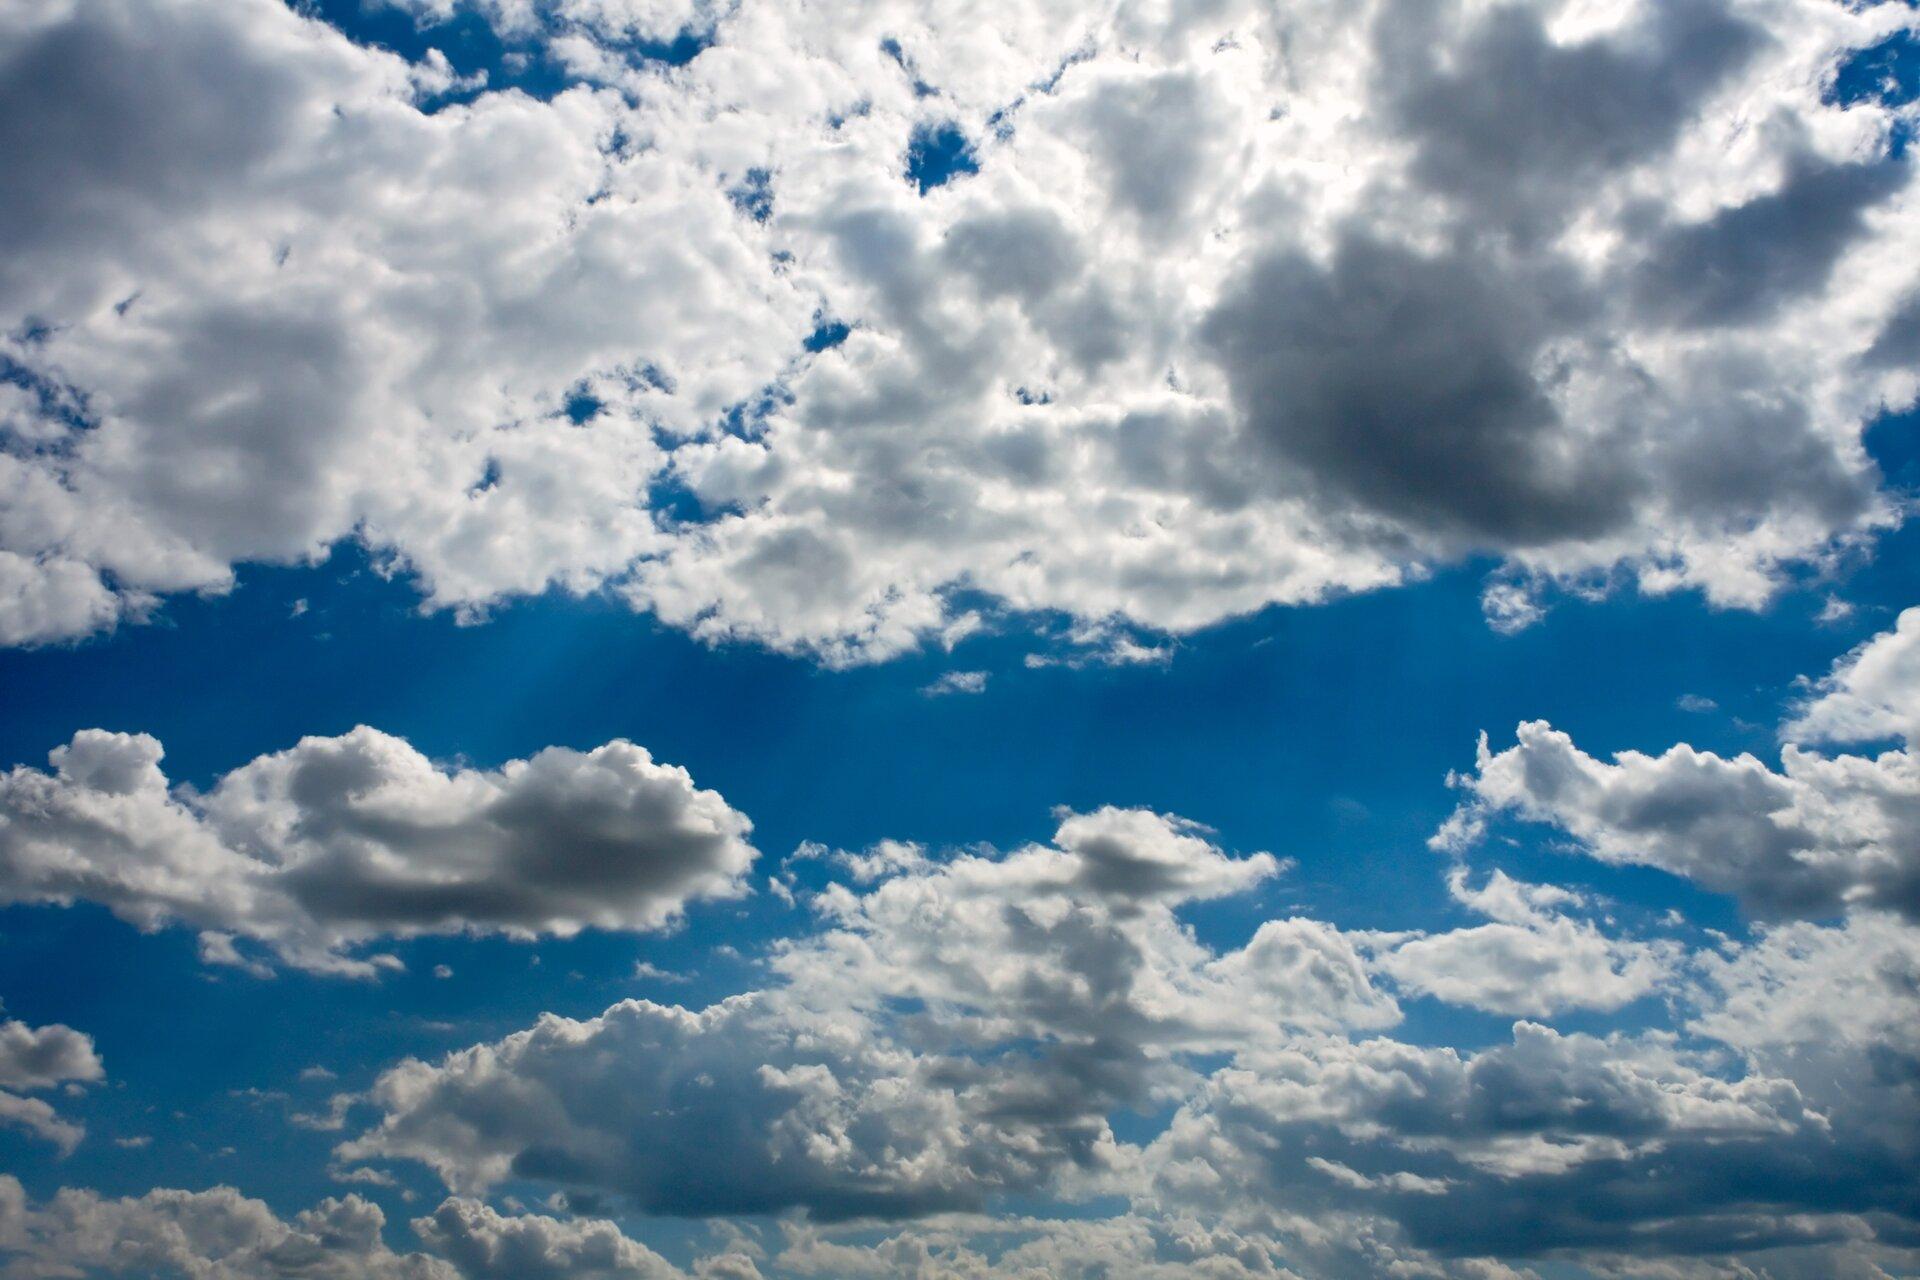 Zdjęcie przedstawia niebieskie niebo częściowo przesłonięte białymi chmurami. Ilustracja stanu skupienia gazowego.